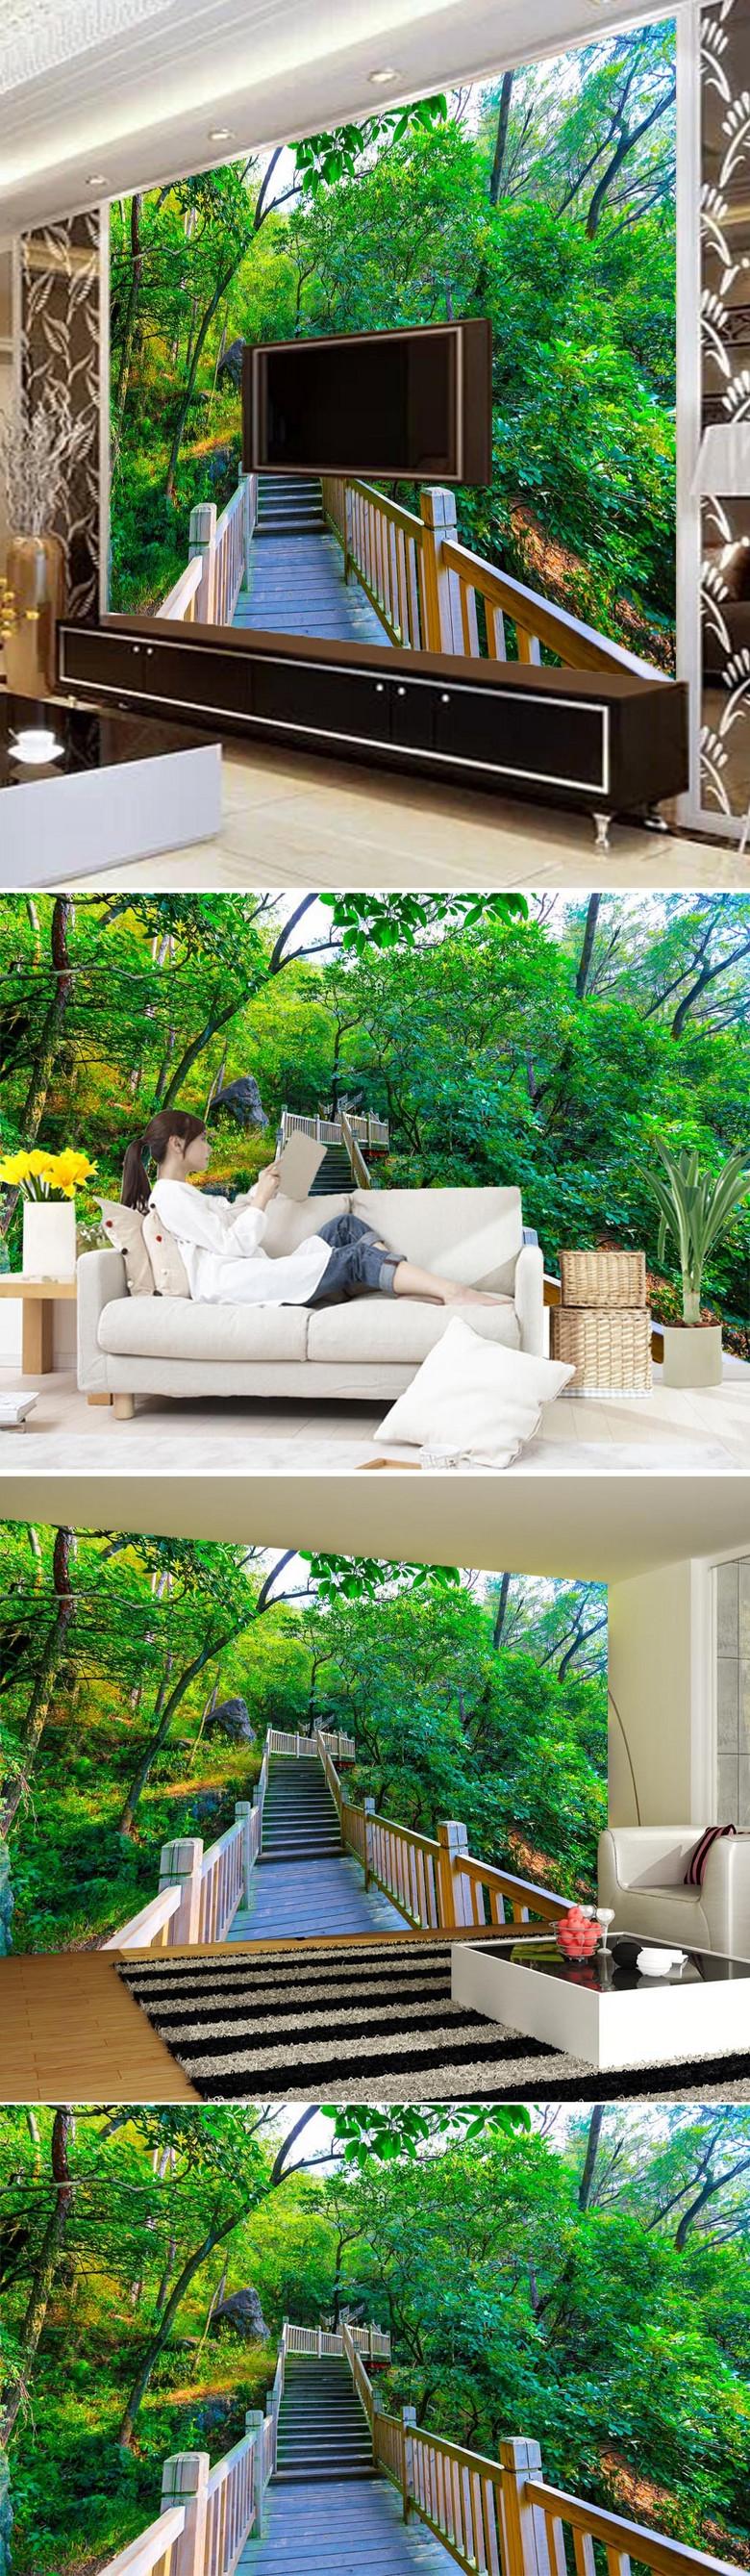 风景如画小木桥电视背景墙图片设计素材_高清模板下载图片